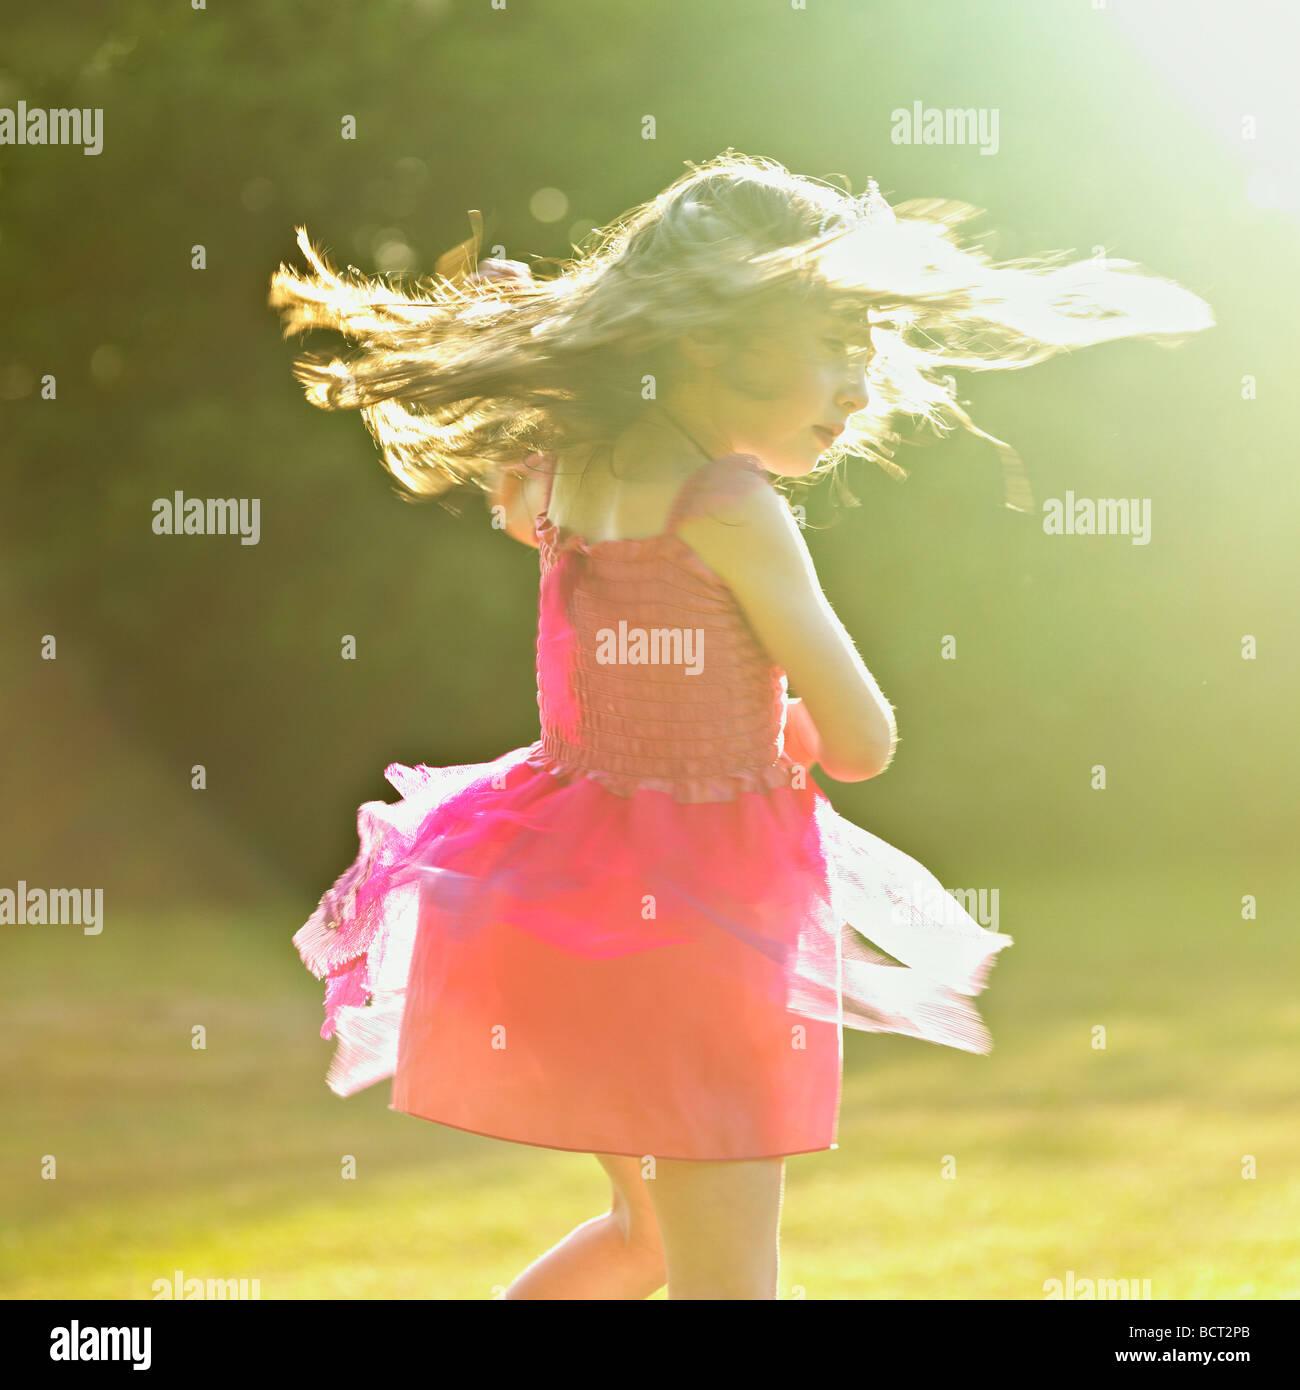 Giovane ragazza in un abito rosa Dancing in the garden summer sun. Immagini Stock